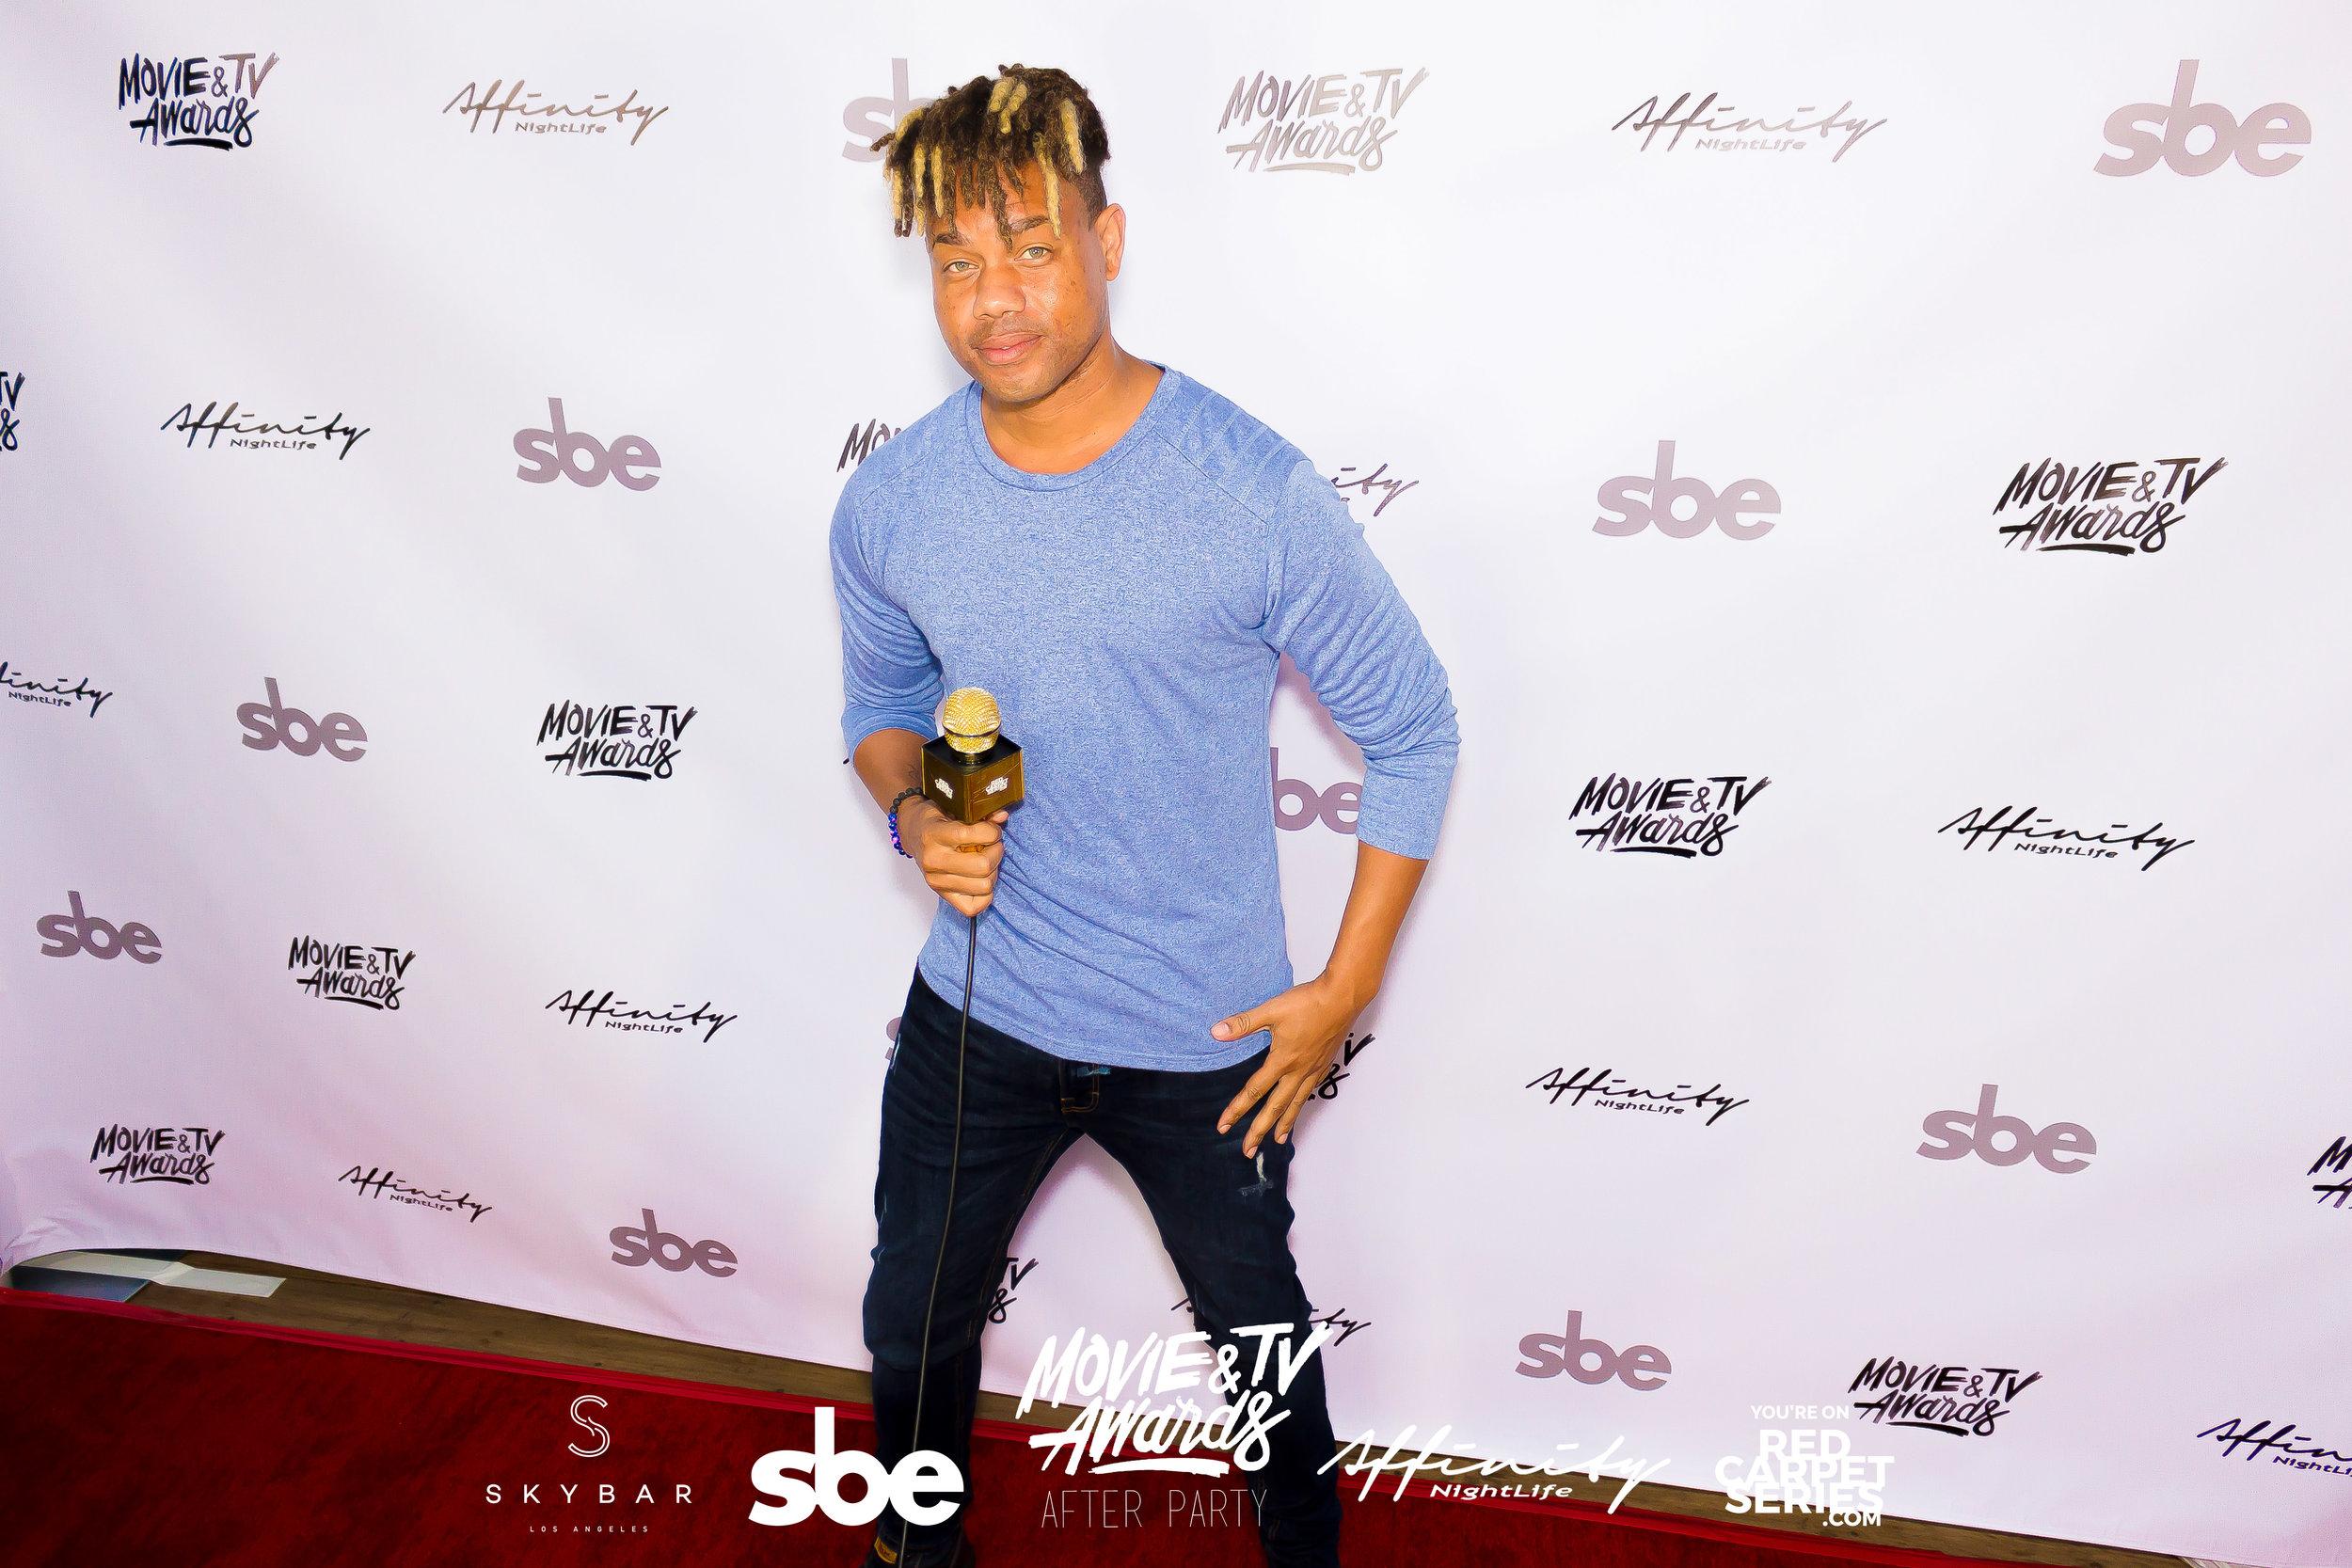 Affinity Nightlife MTV Movie & TV Awards After Party - Skybar at Mondrian - 06-15-19 - Vol. 1_7.jpg